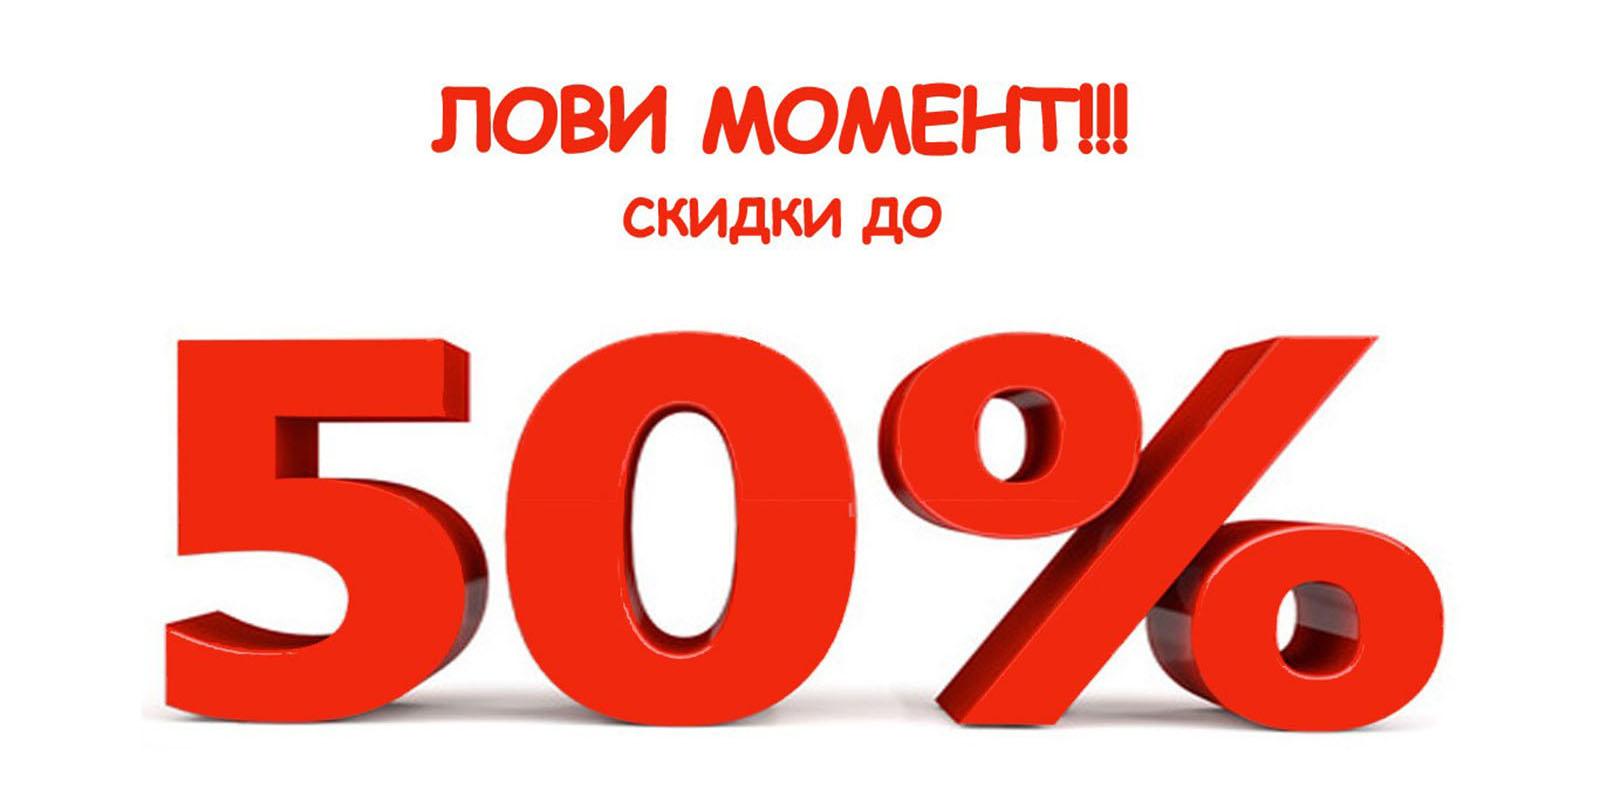 skidka-50-plitka-keramogranit